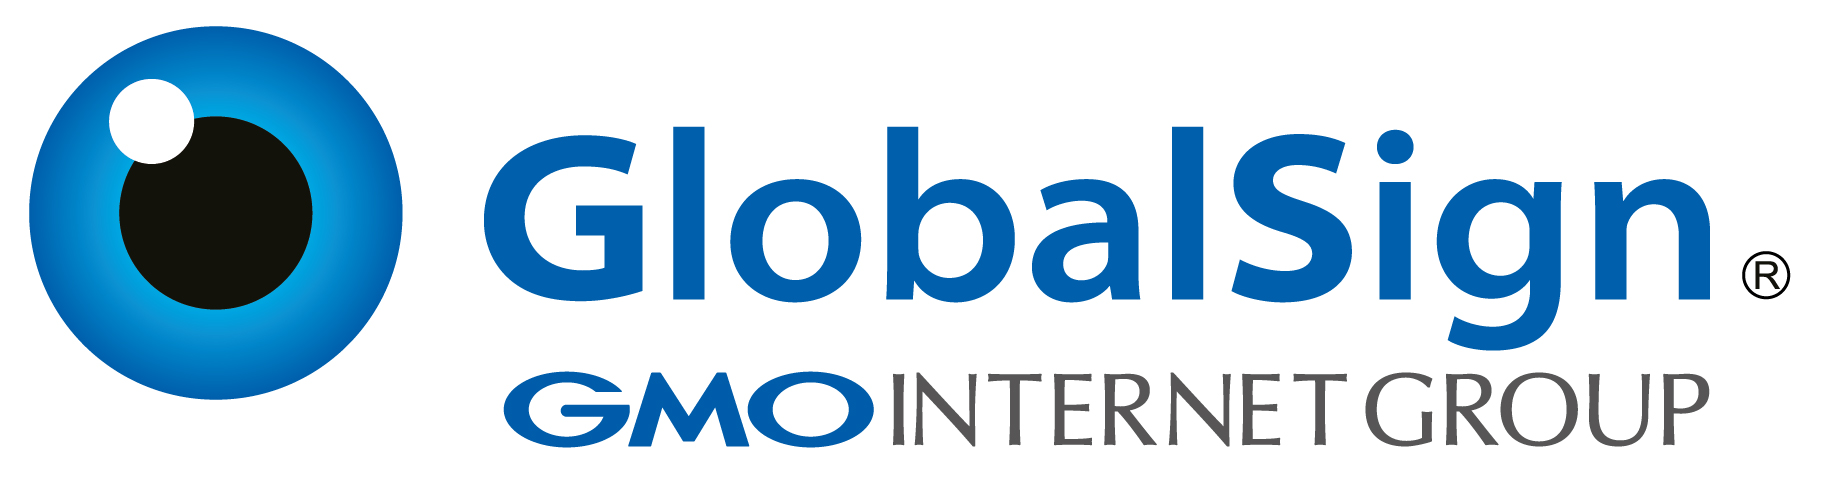 GMO GlobalSign, Inc.